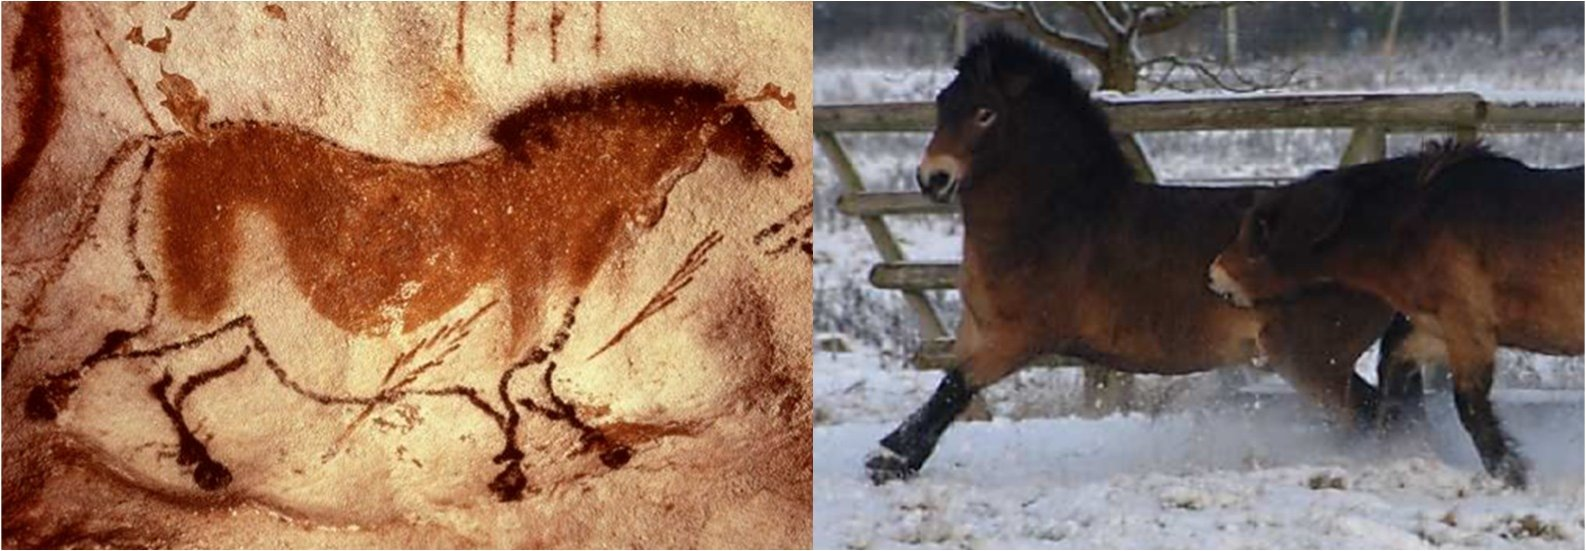 Knepp_Exmoor_Ponies